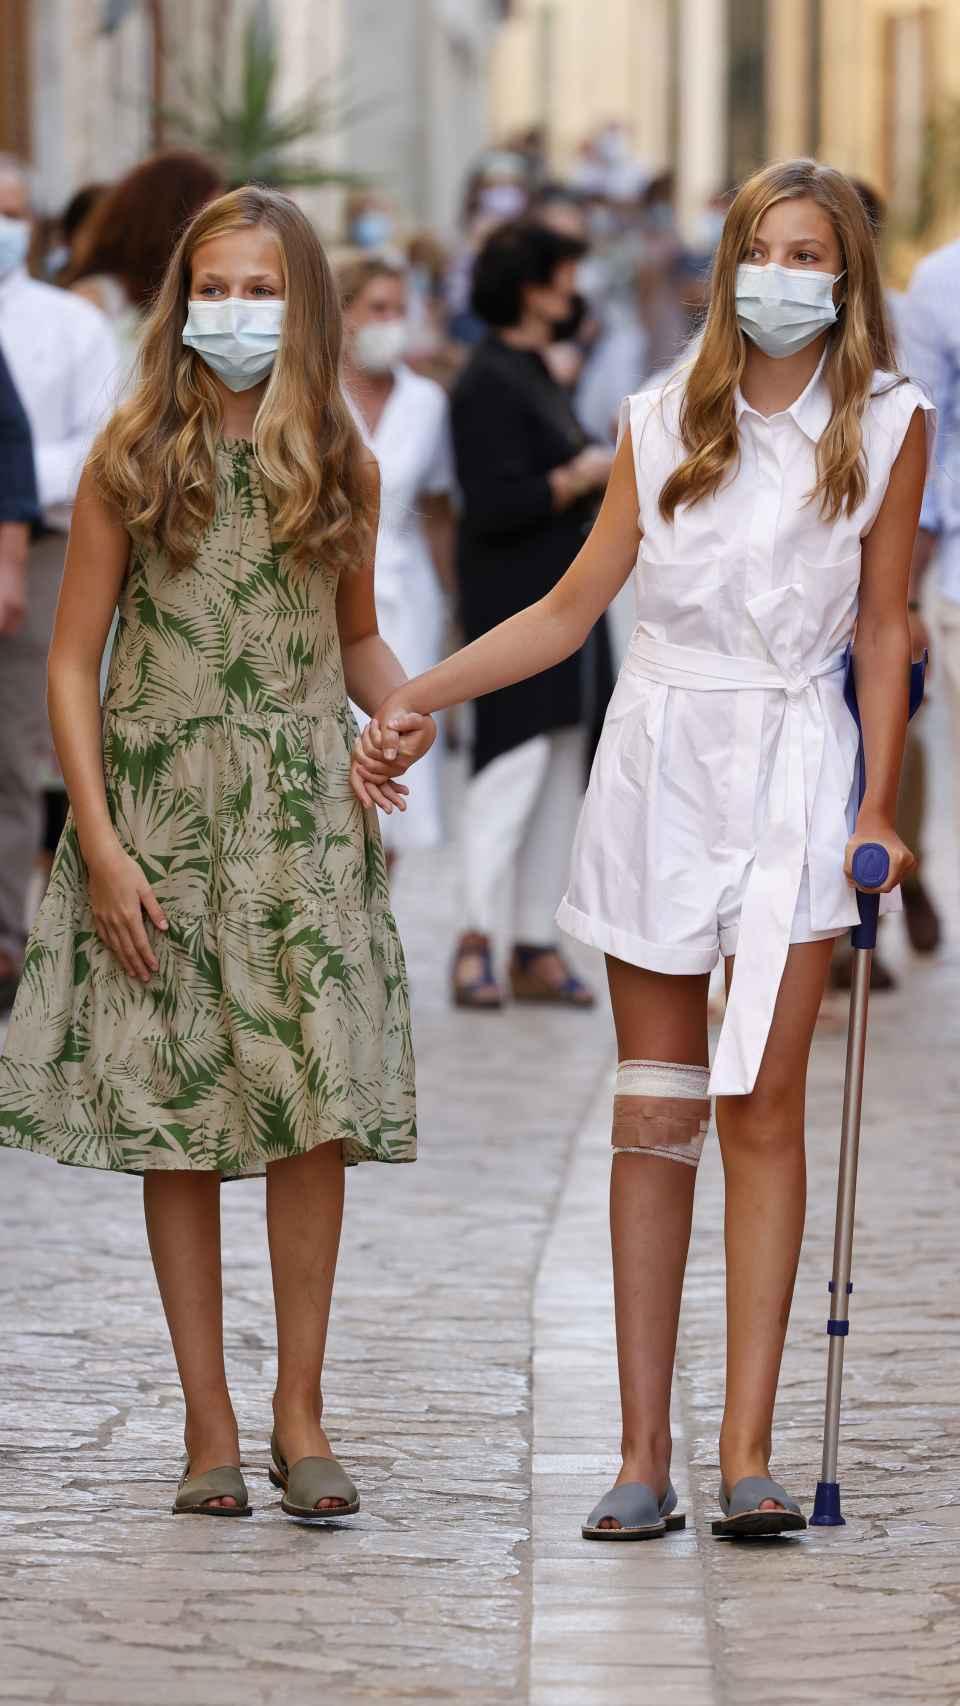 La princesa Leonor ayuda a caminar a su hermana Sofía porque tiene cinco puntos de sutura en la rodilla.